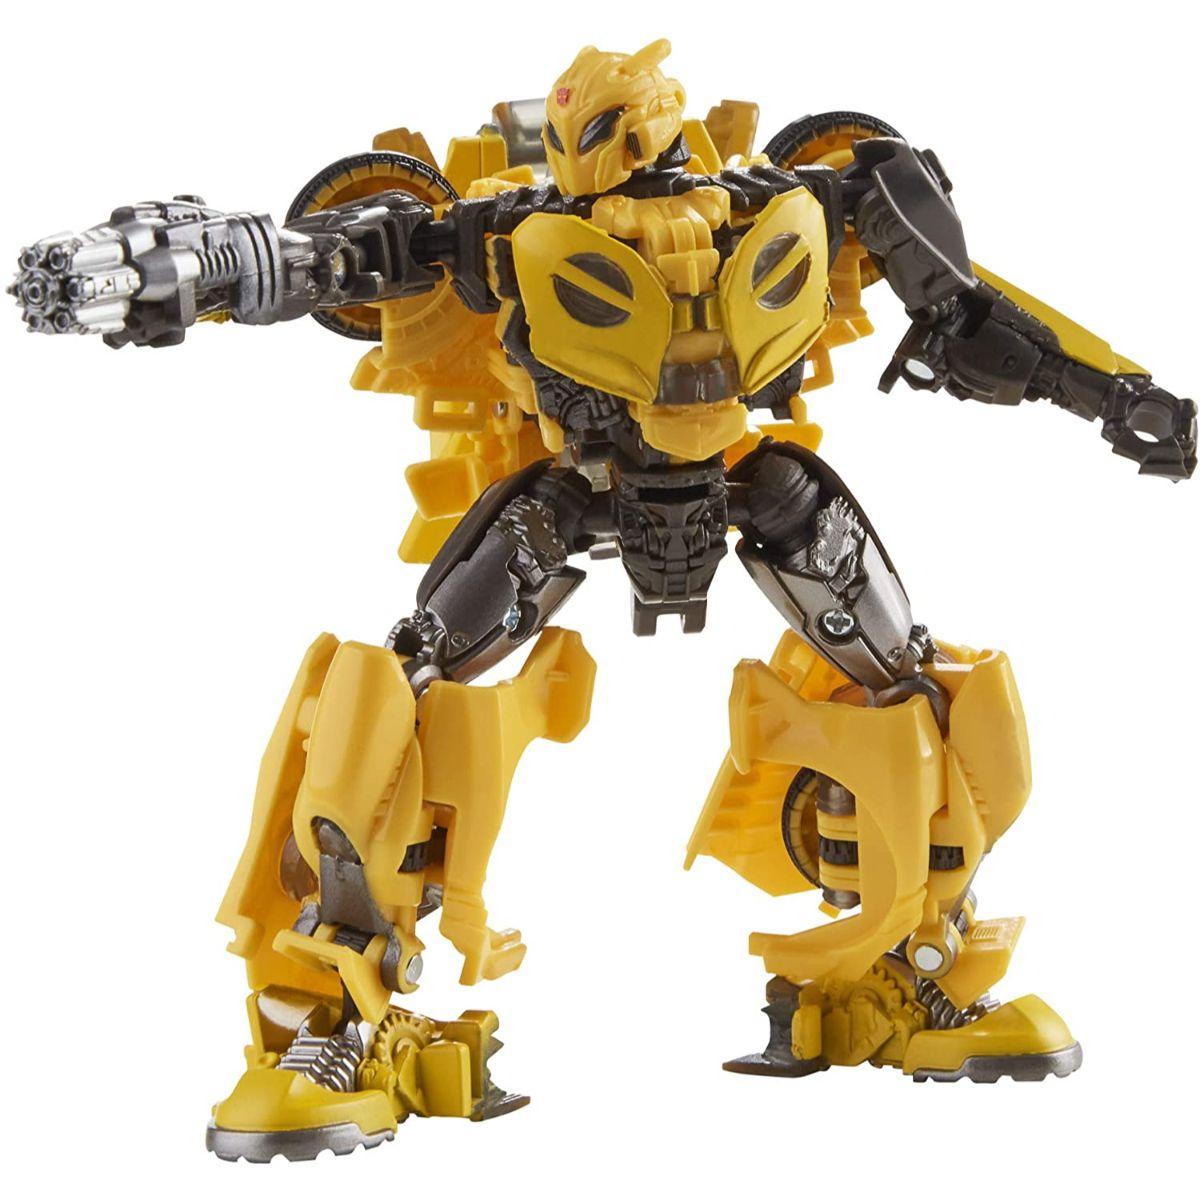 Figurina Transformers Deluxe Studio Series, Bumblebee, F0784